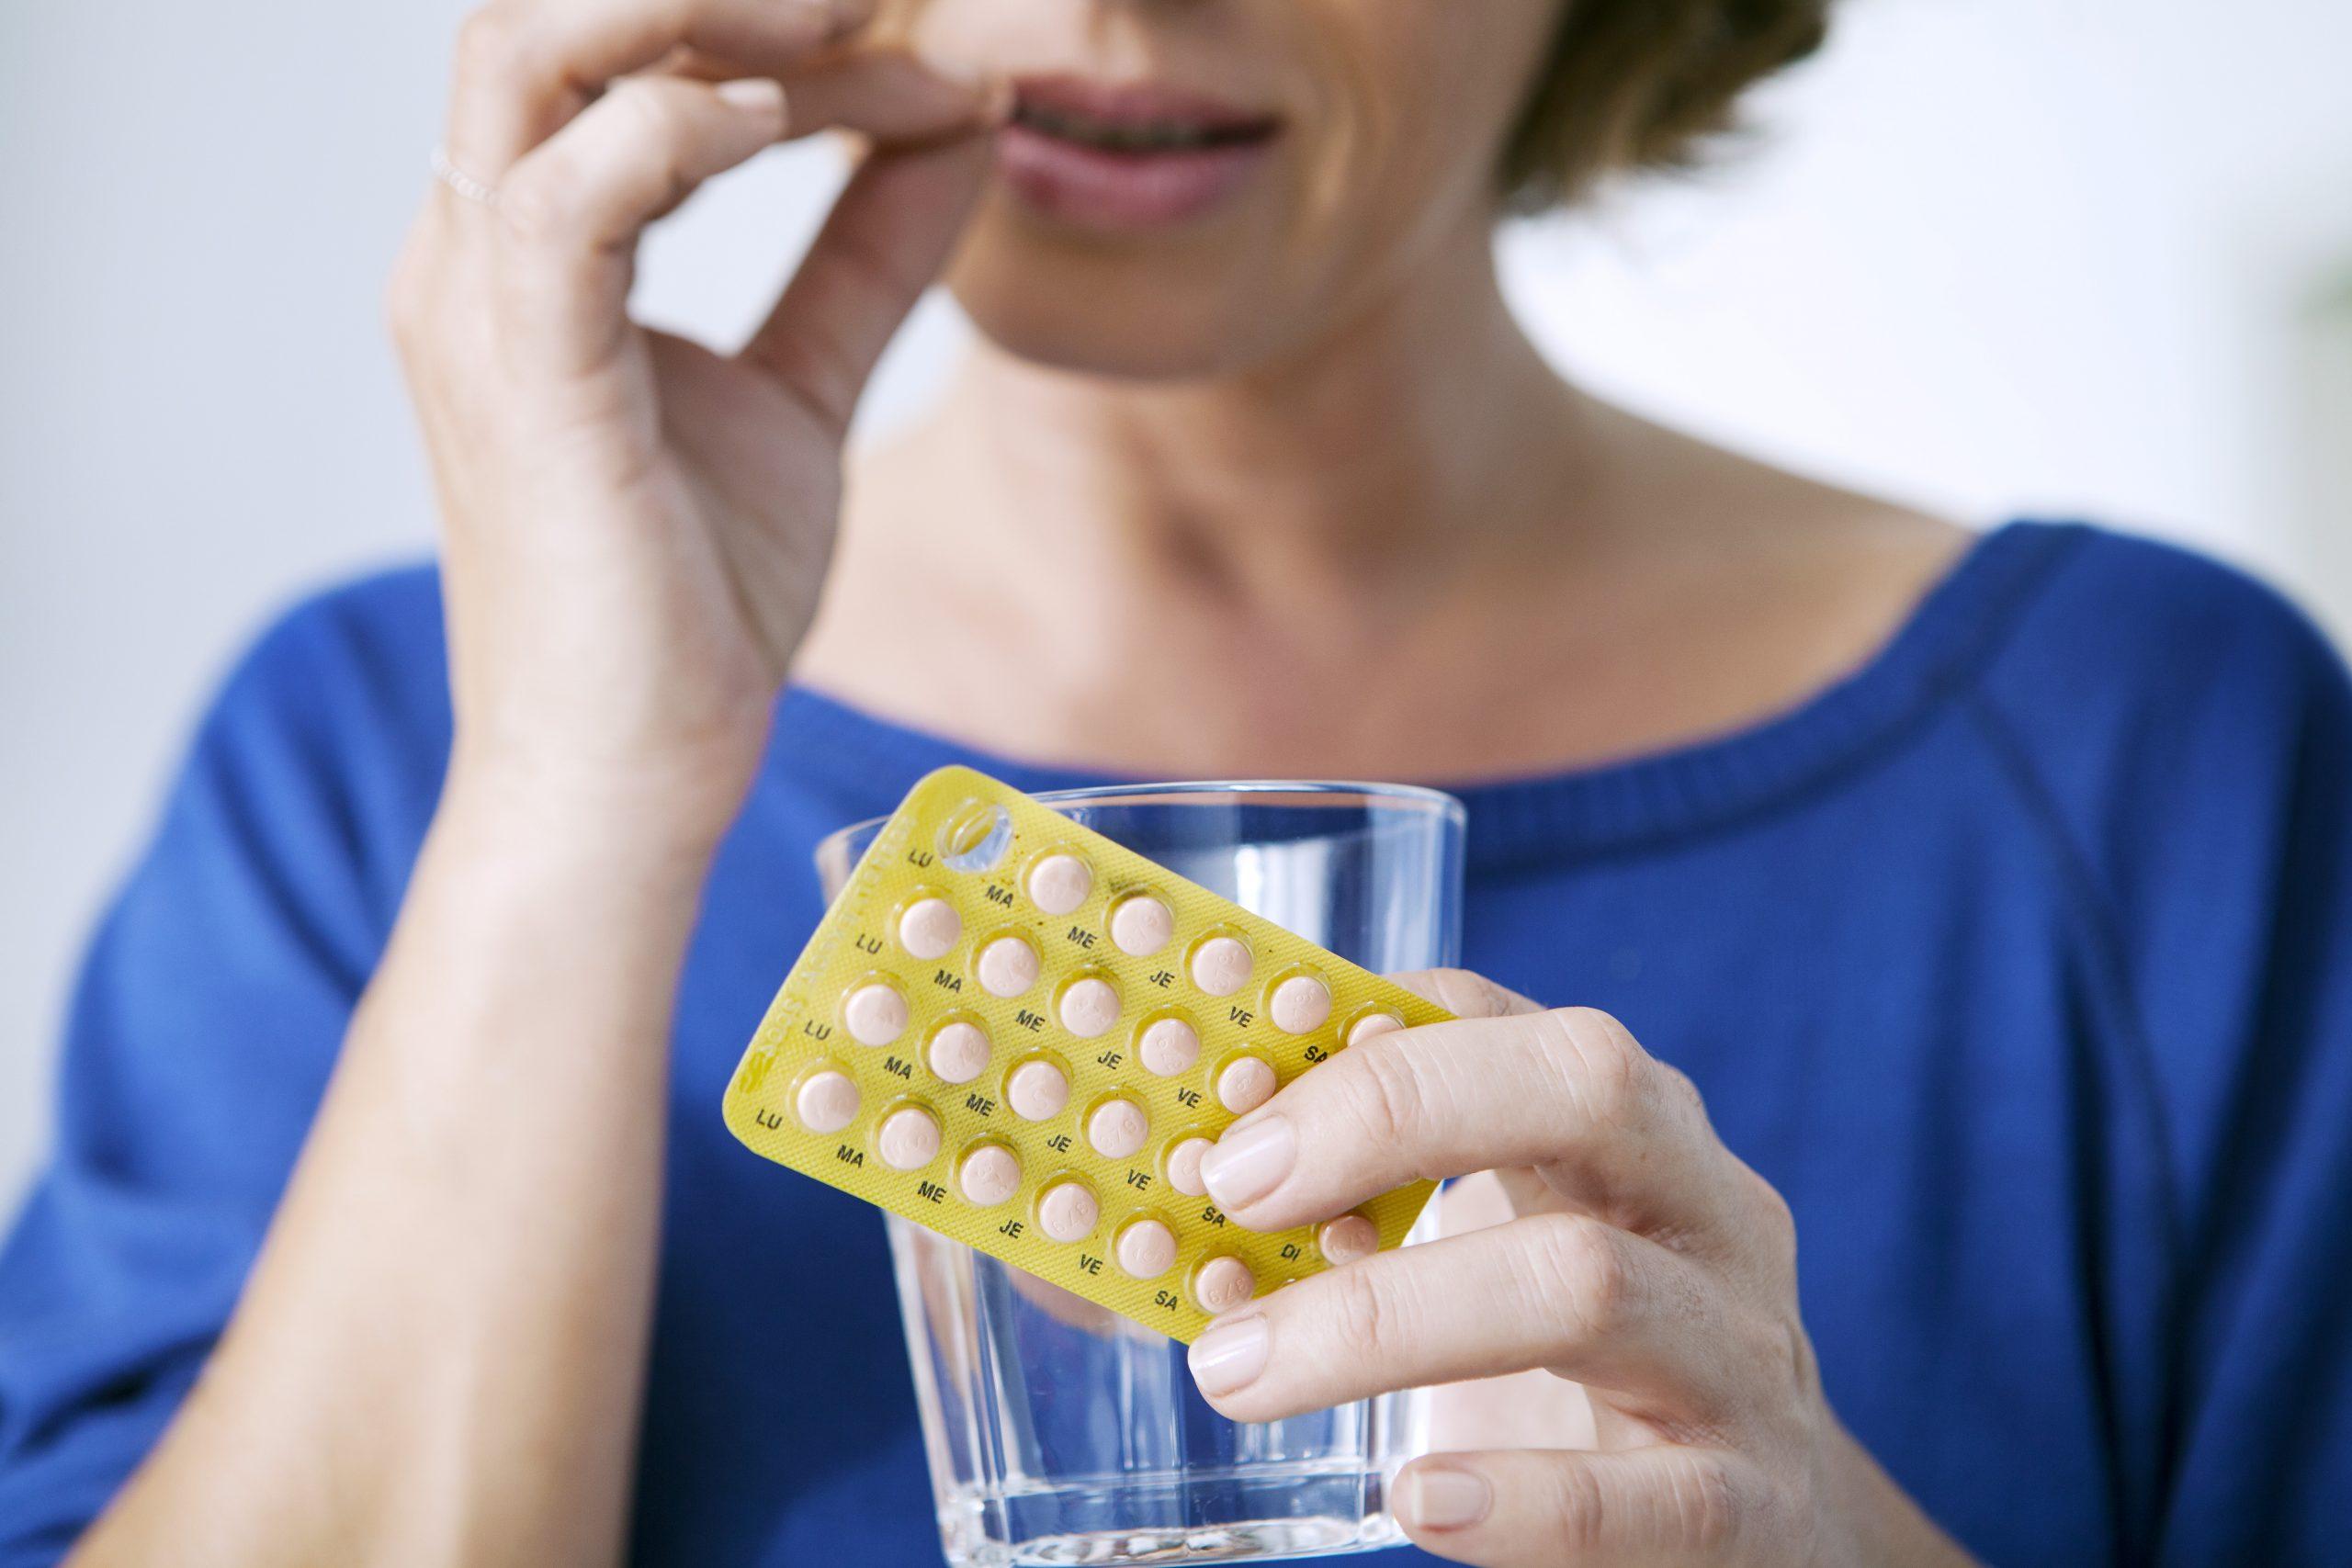 woman taking hrt drugs